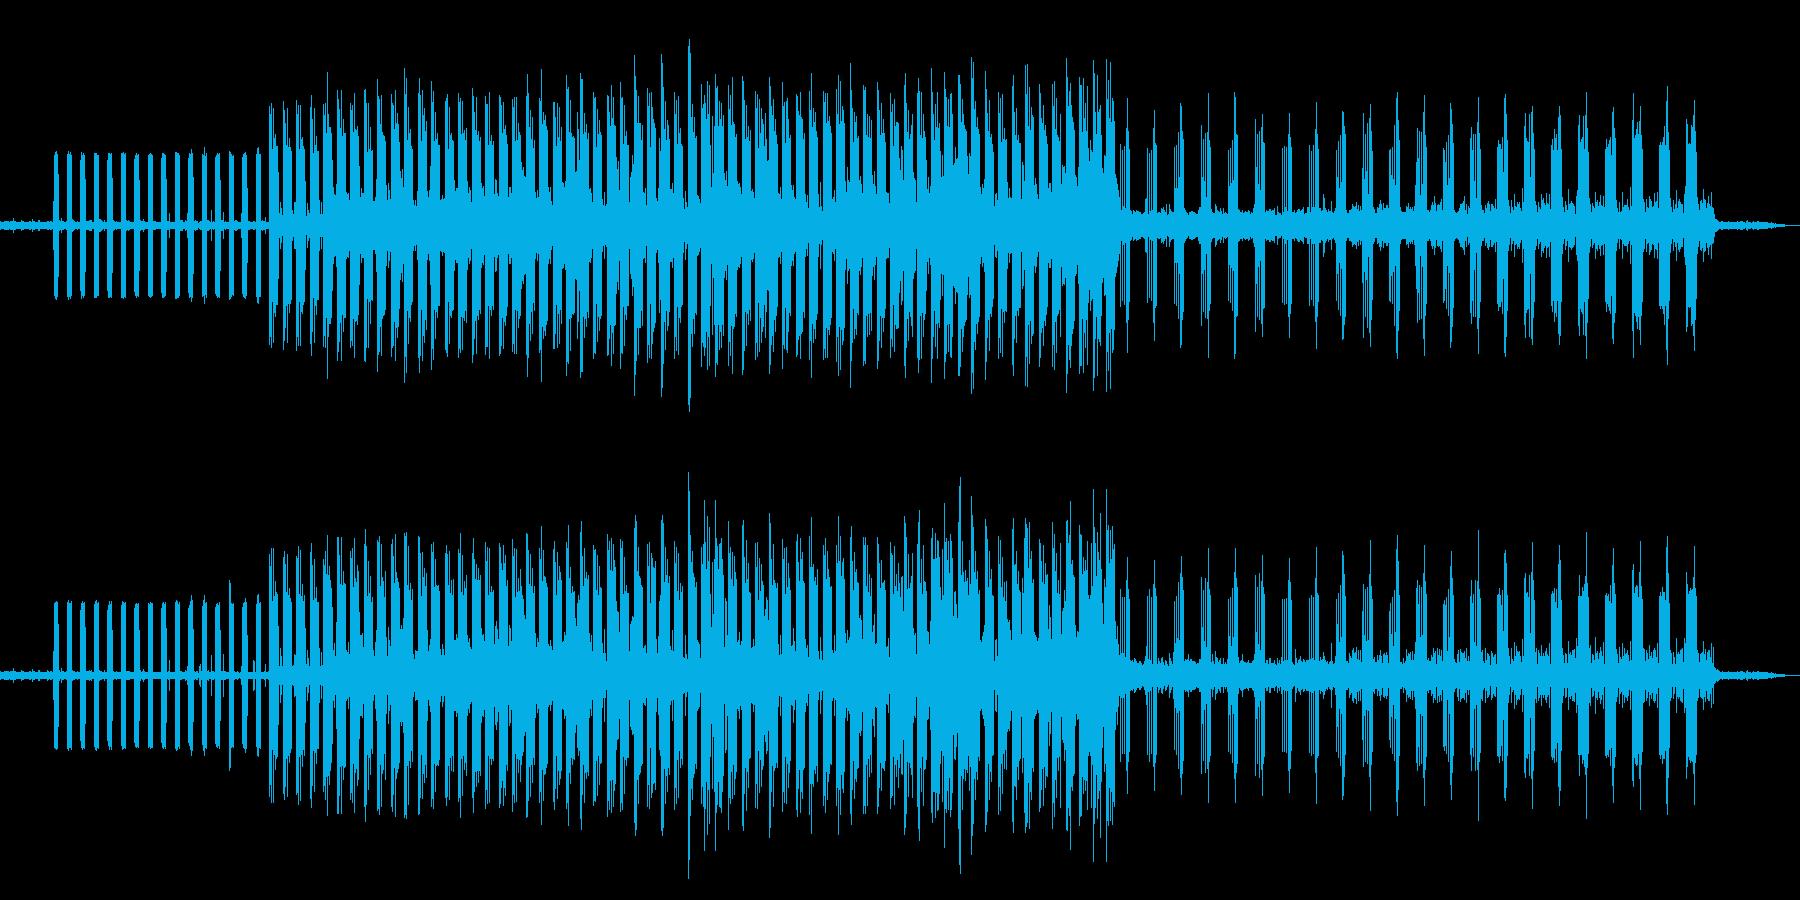 ピアノ クール 個性的 アートな音楽の再生済みの波形